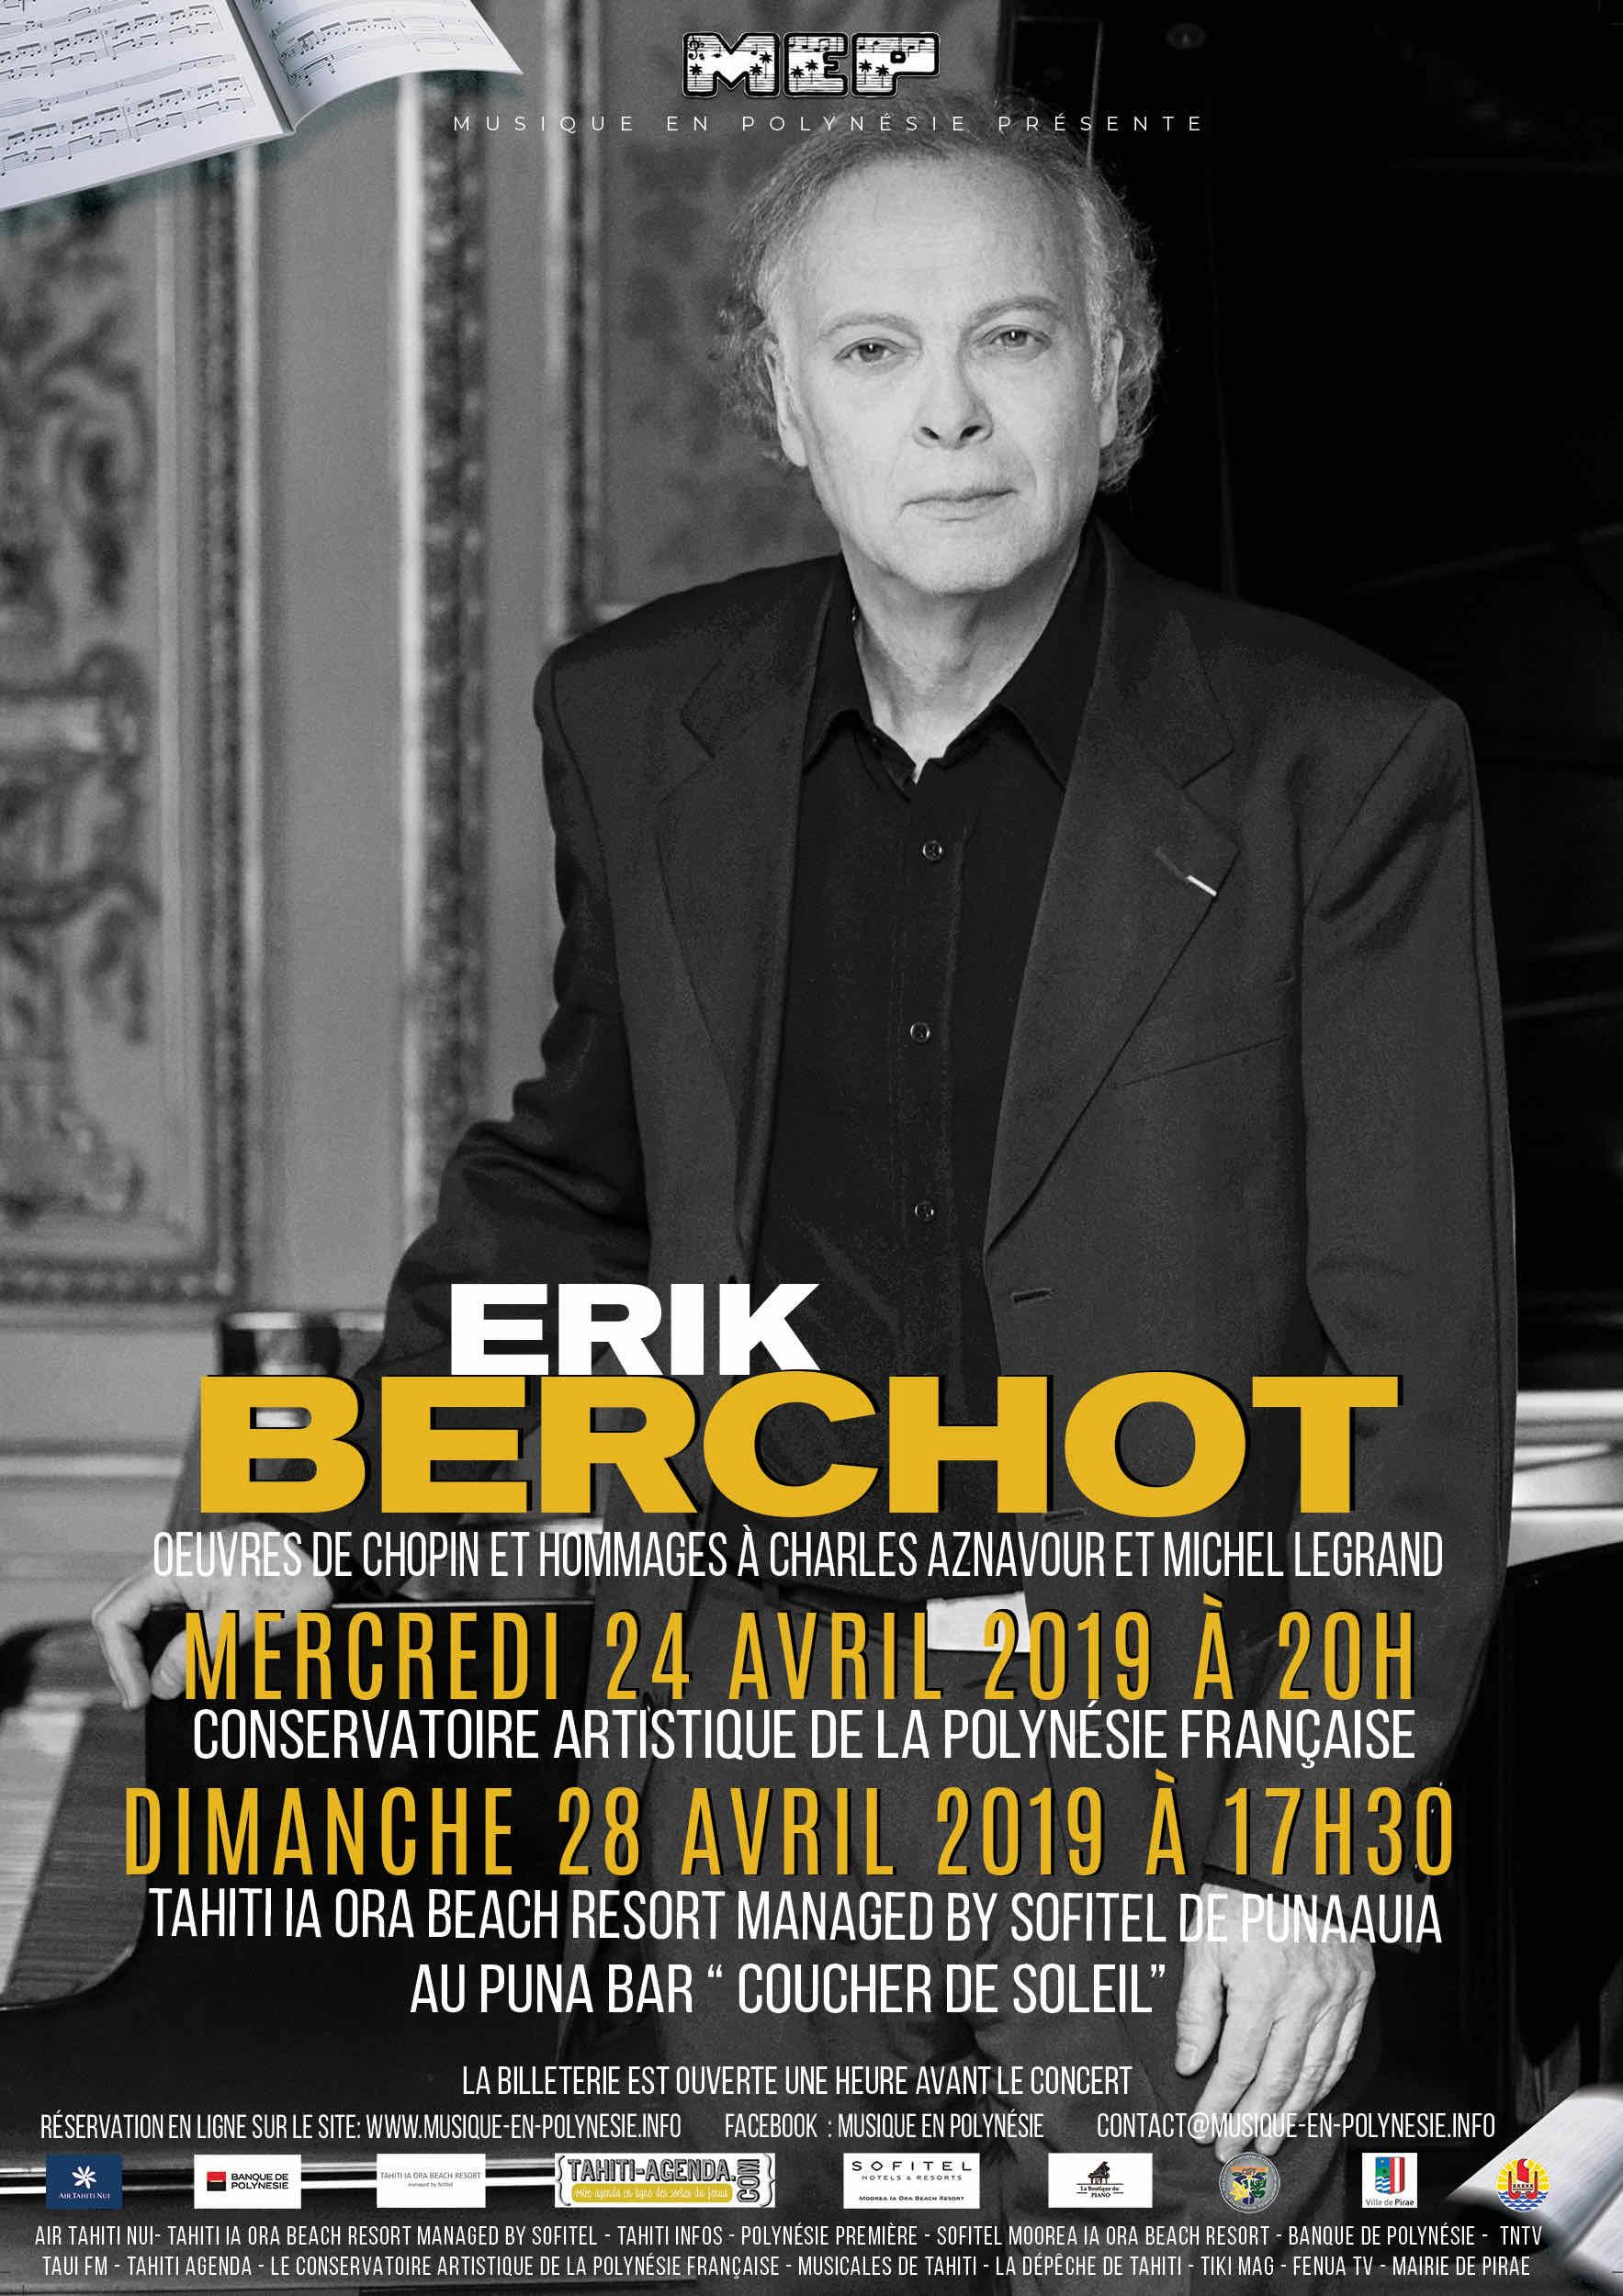 AFFICHE-BERCHOT-Avril 2019.jpg